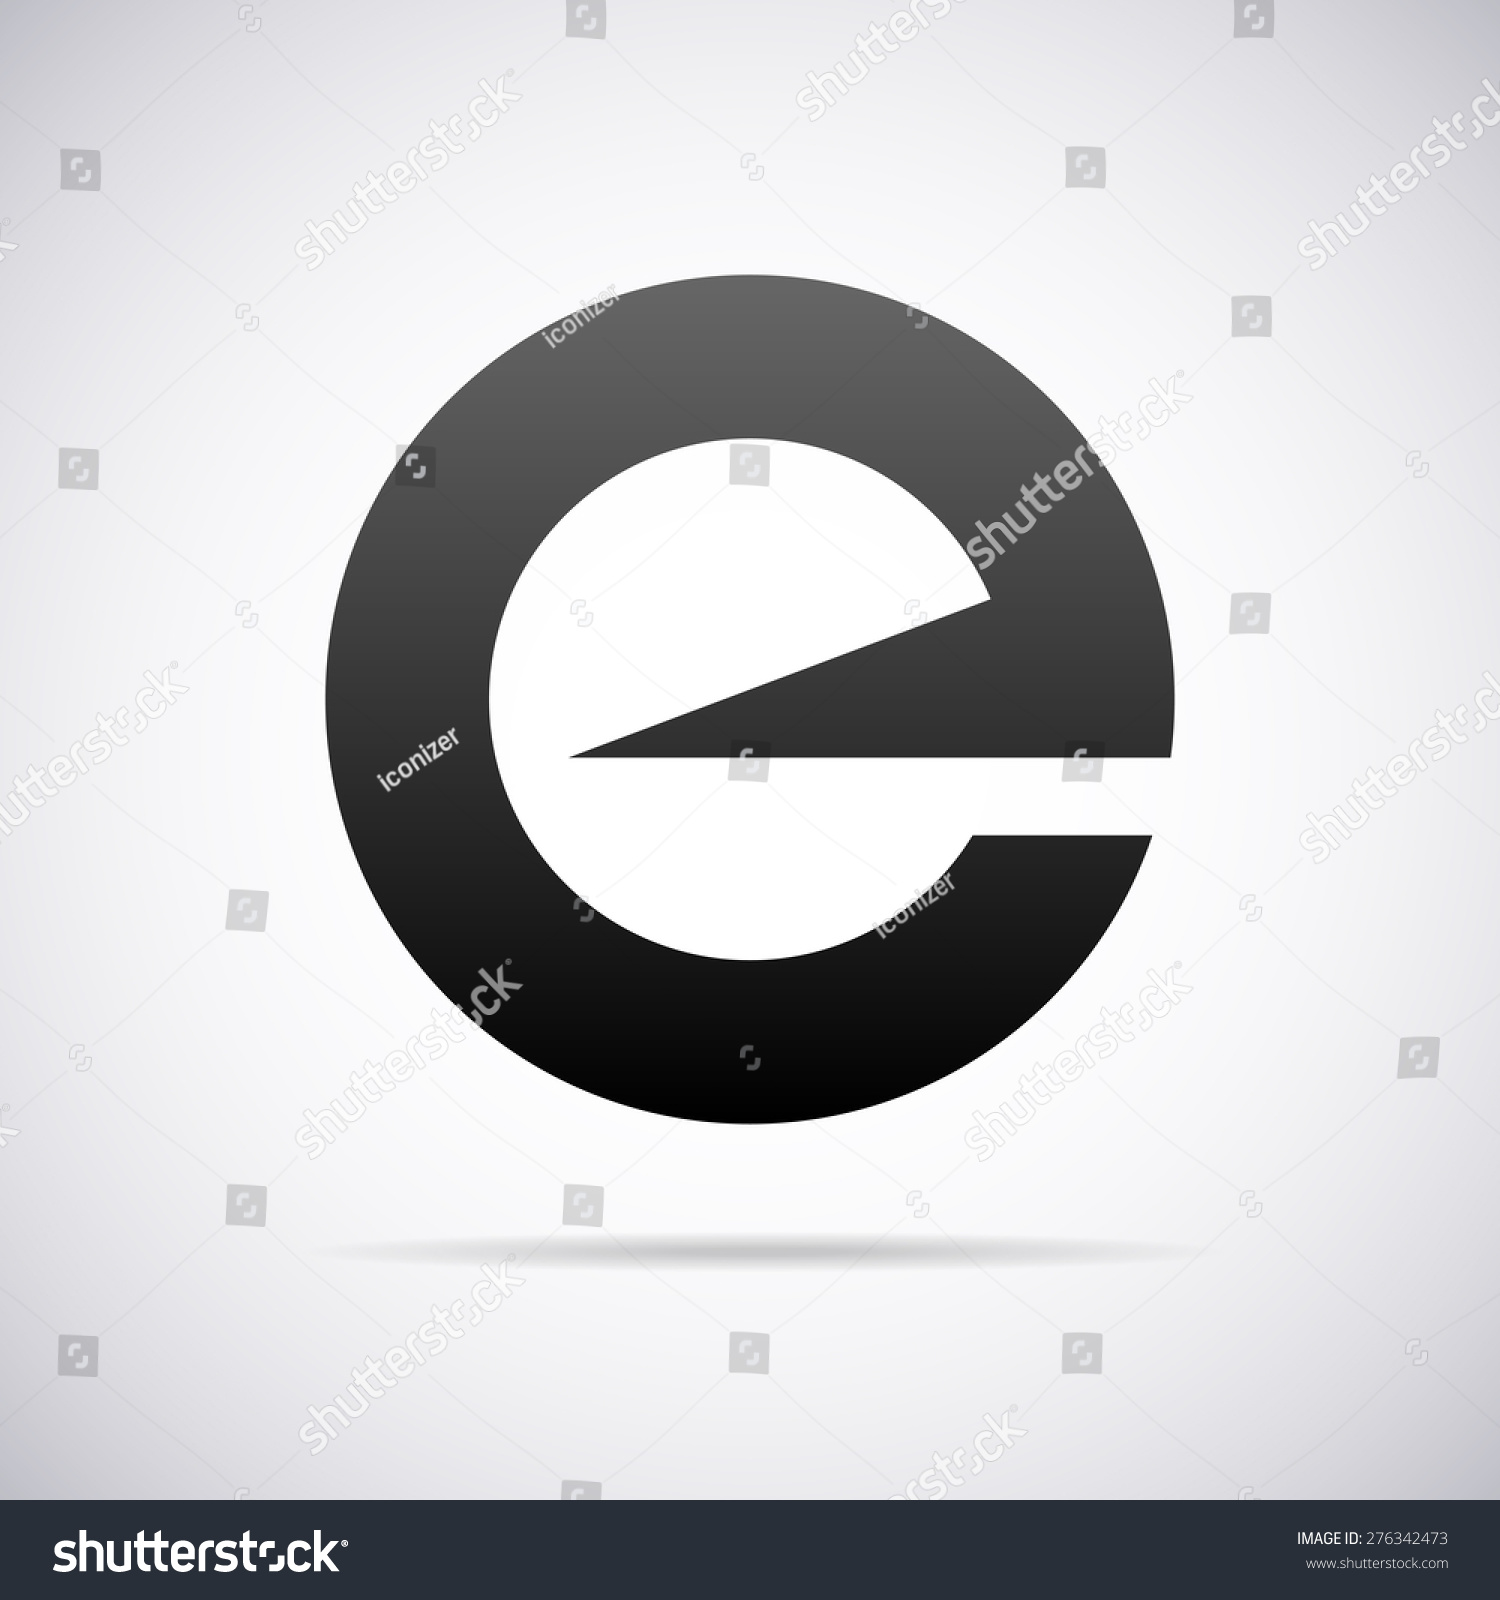 矢量標志字母e設計模板-符號/標志,抽象-海洛創意()-.